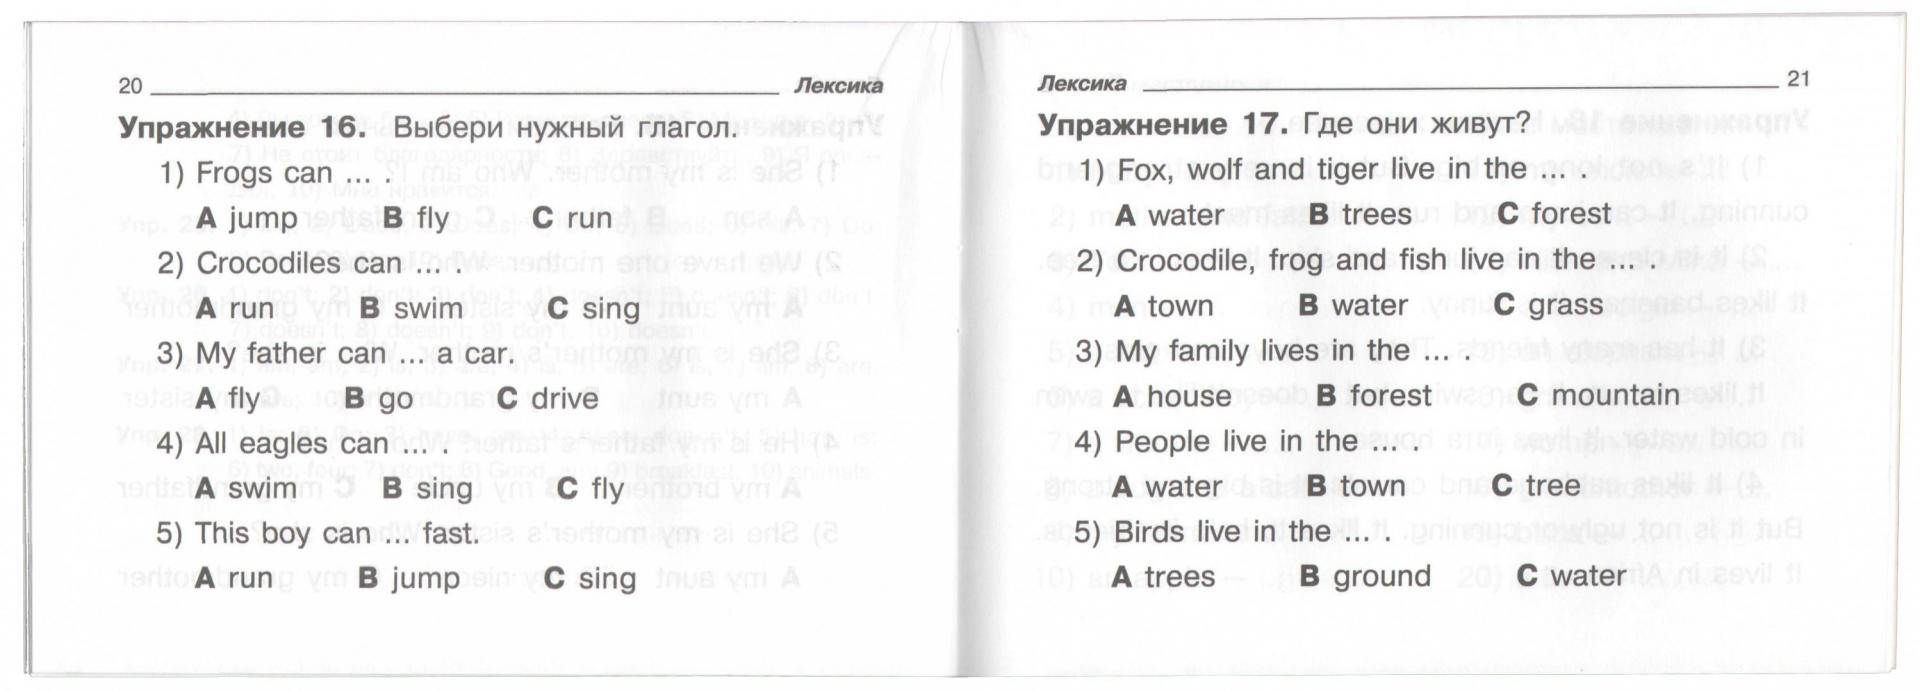 Иллюстрация 1 из 10 для Английский язык. 2 класс - Инна Пугачева | Лабиринт - книги. Источник: Лабиринт